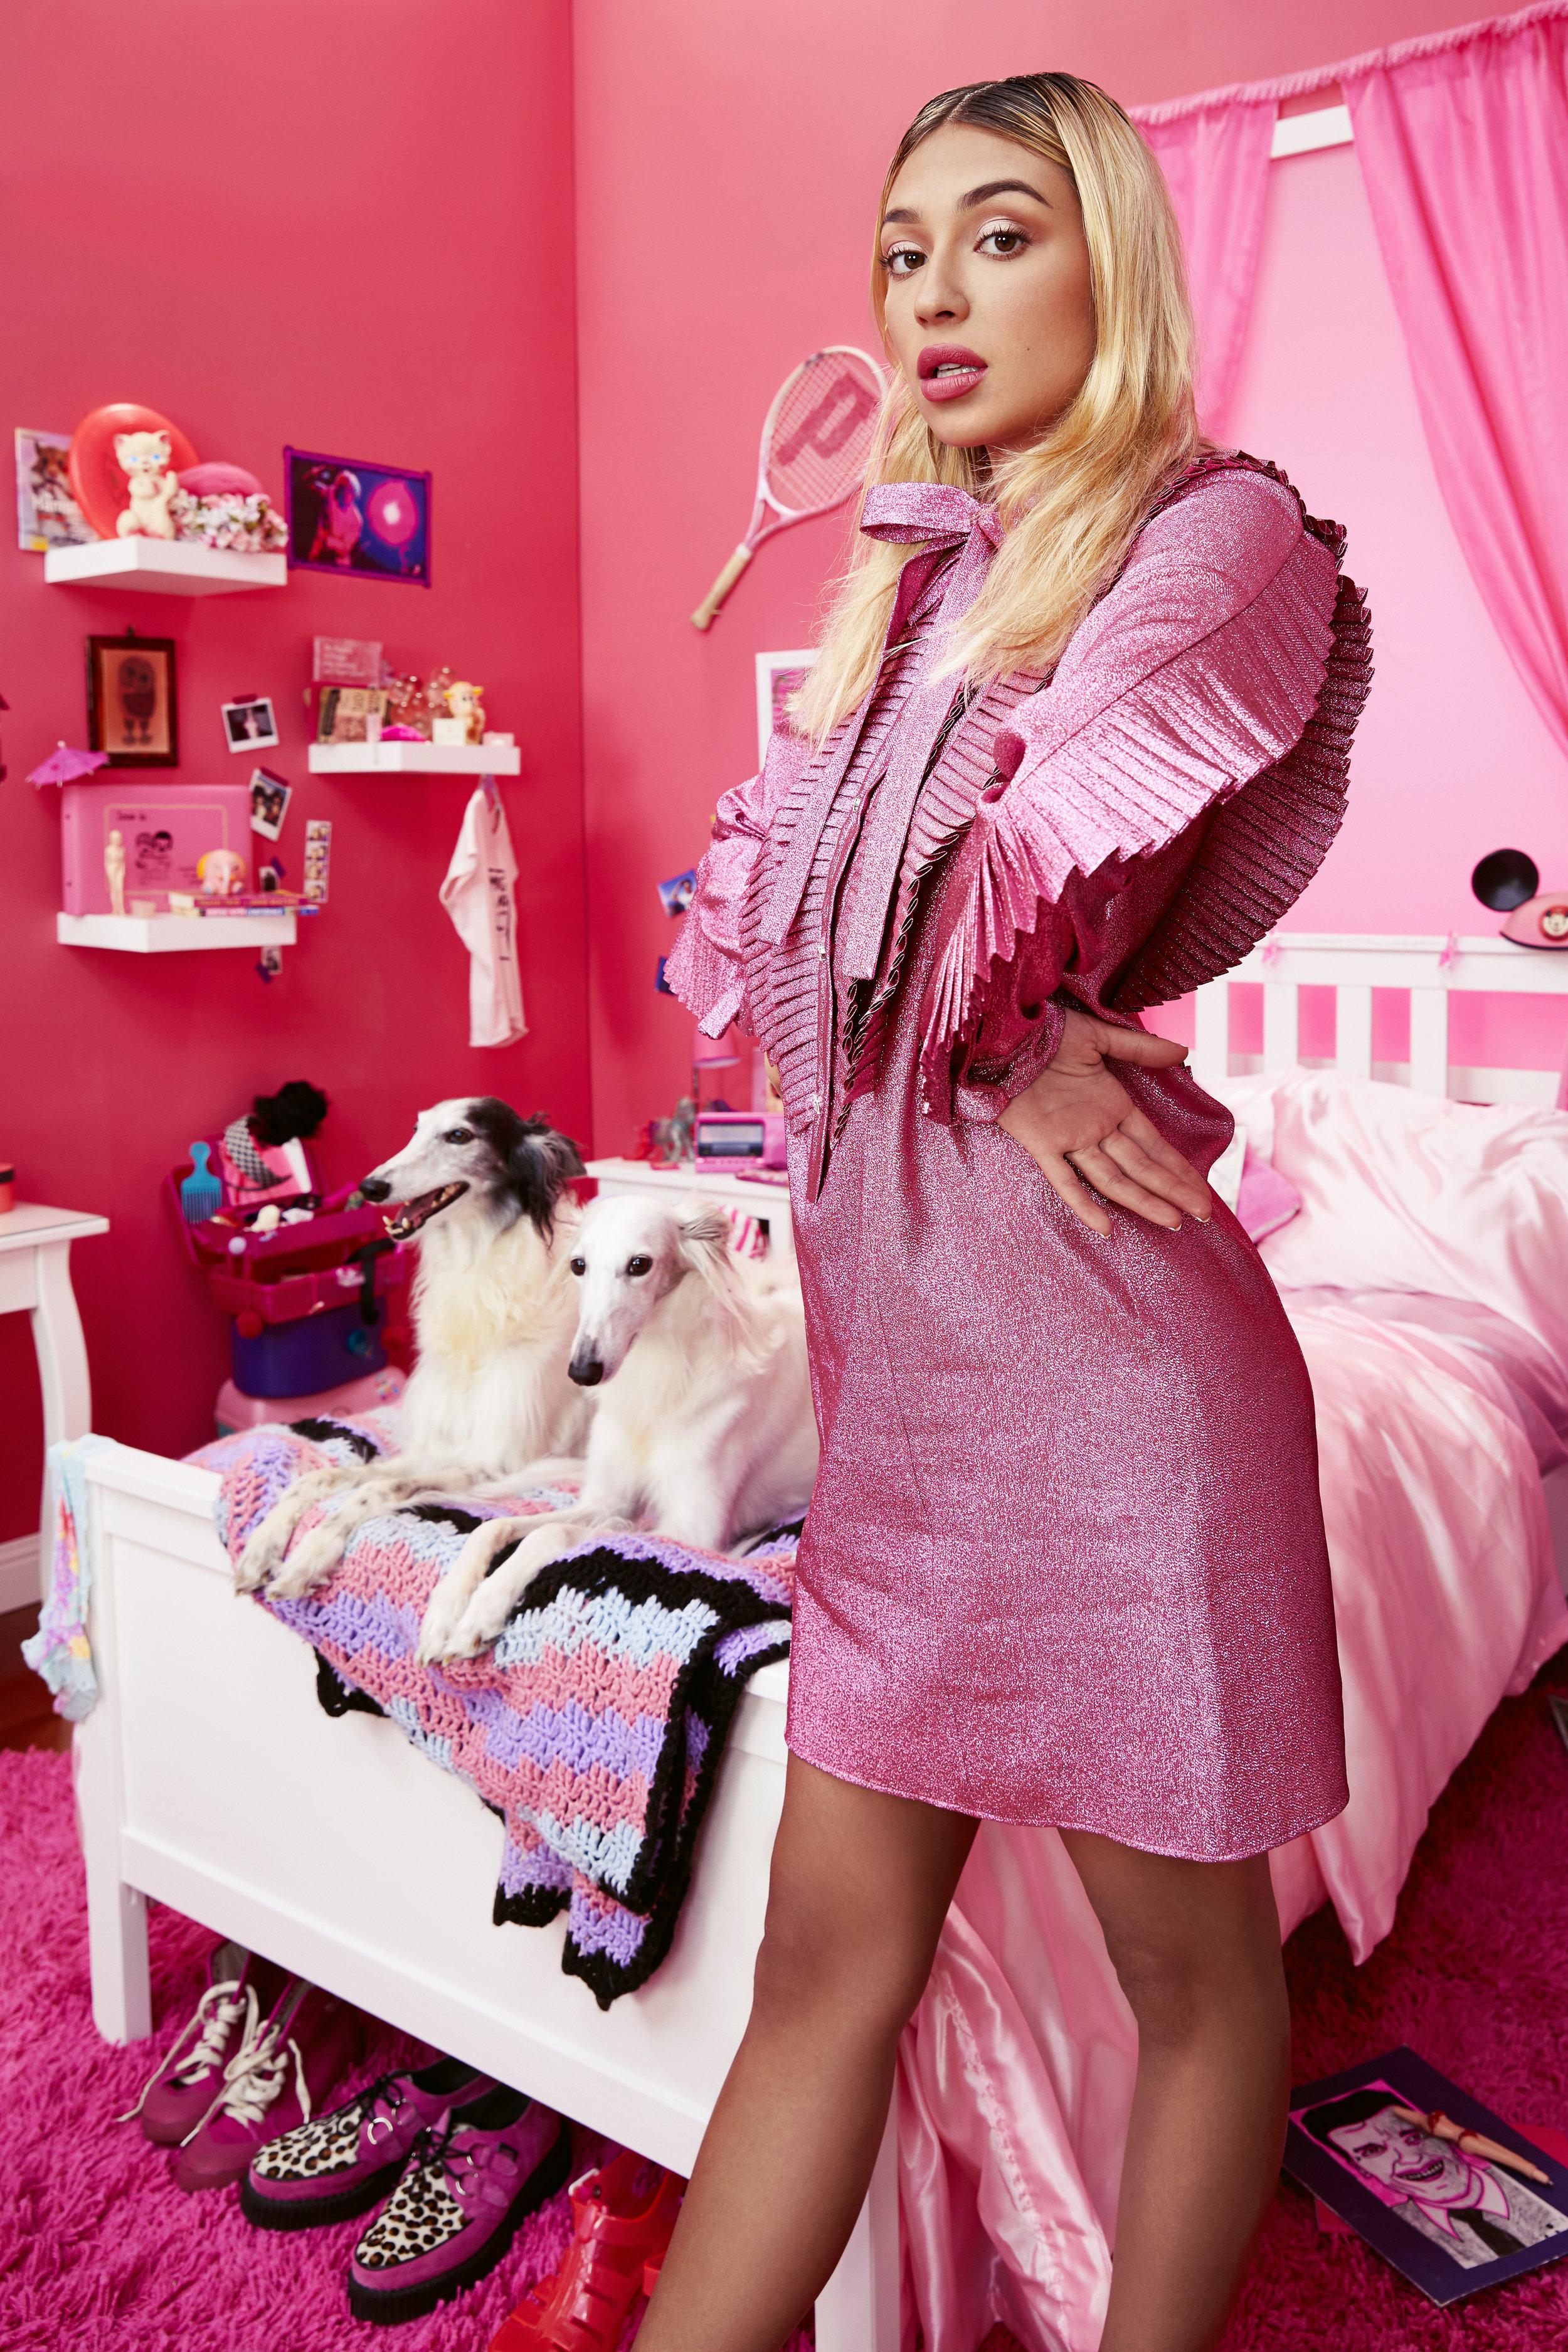 180826_pink_room_test_look2_1112_edit.jpg